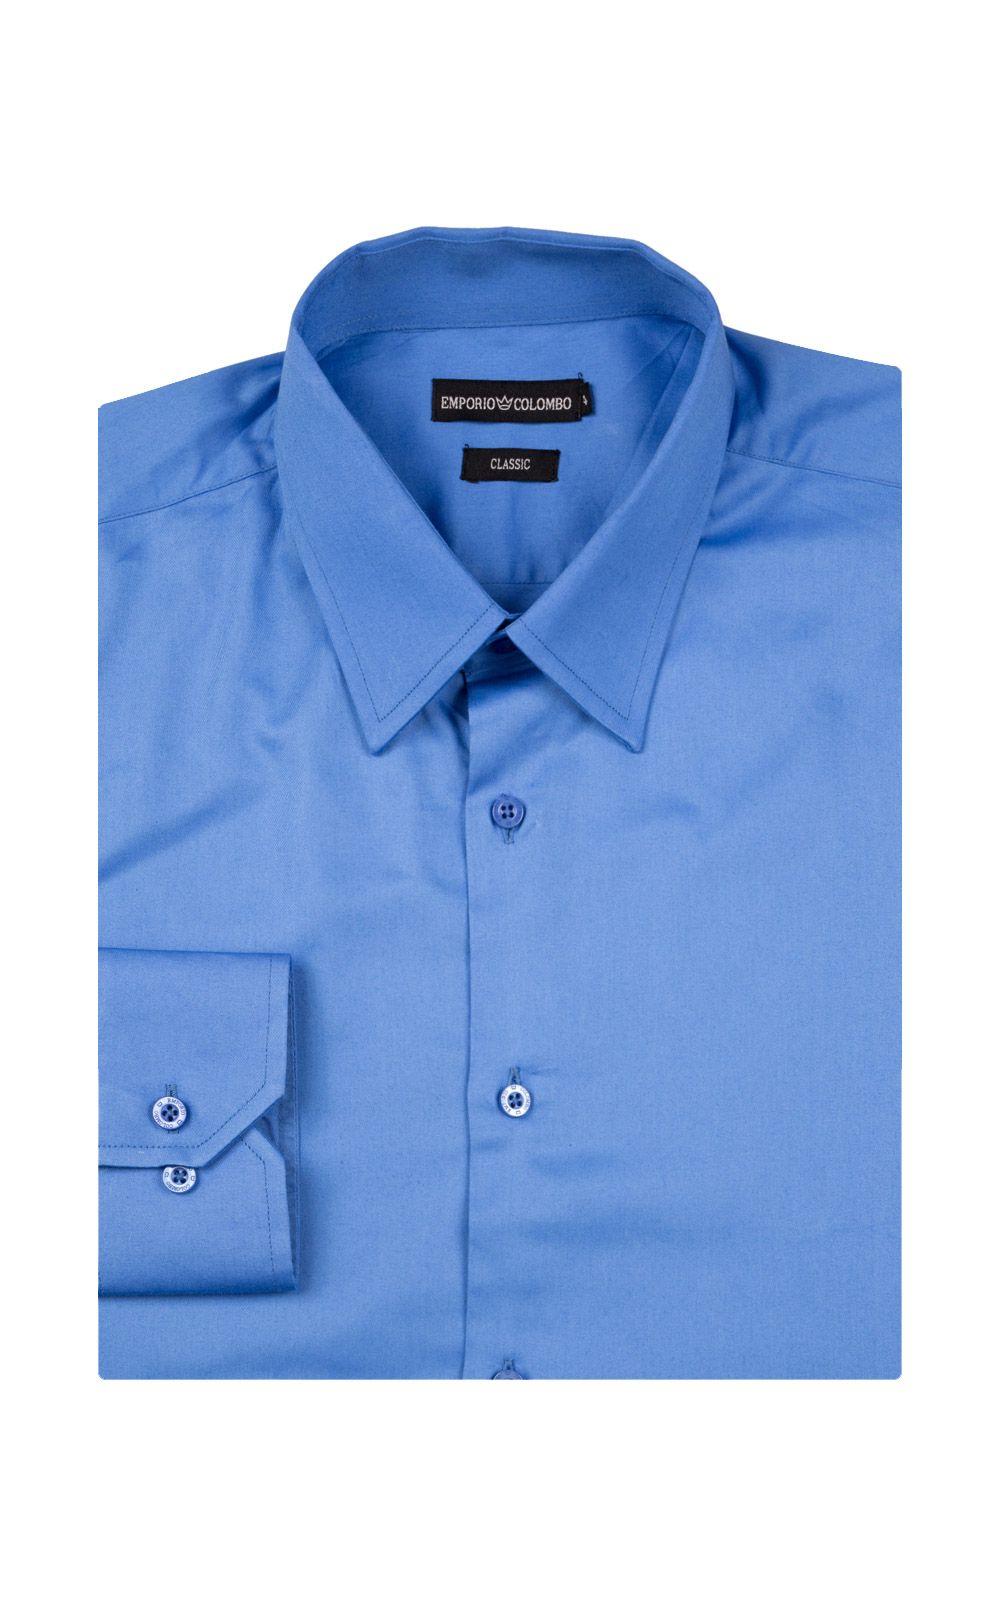 Foto 4 - Camisa Social Masculina Azul Lisa